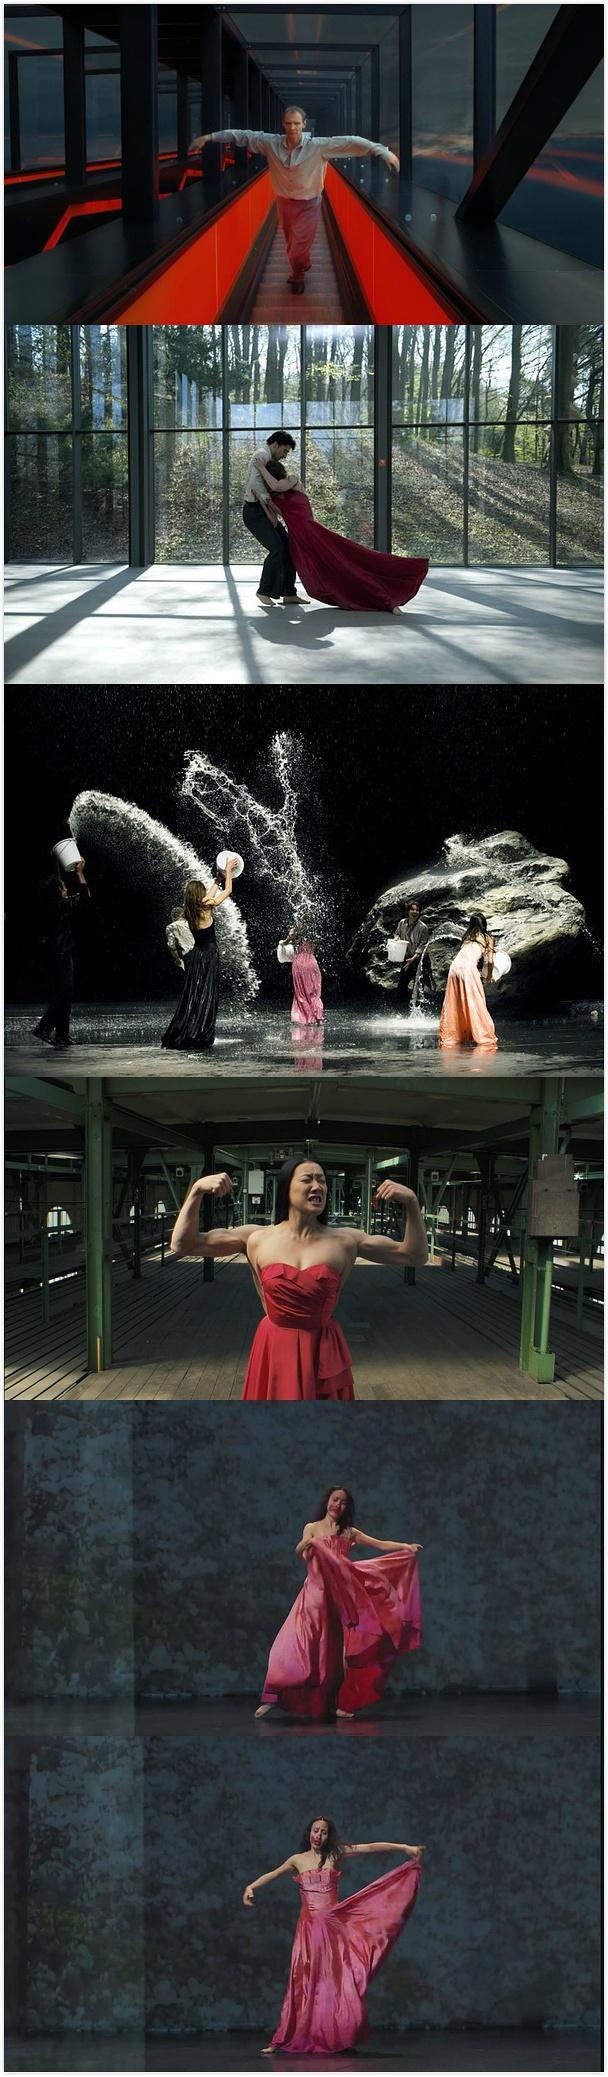 海量图,无wifi慎入|最推荐的10部舞蹈电影